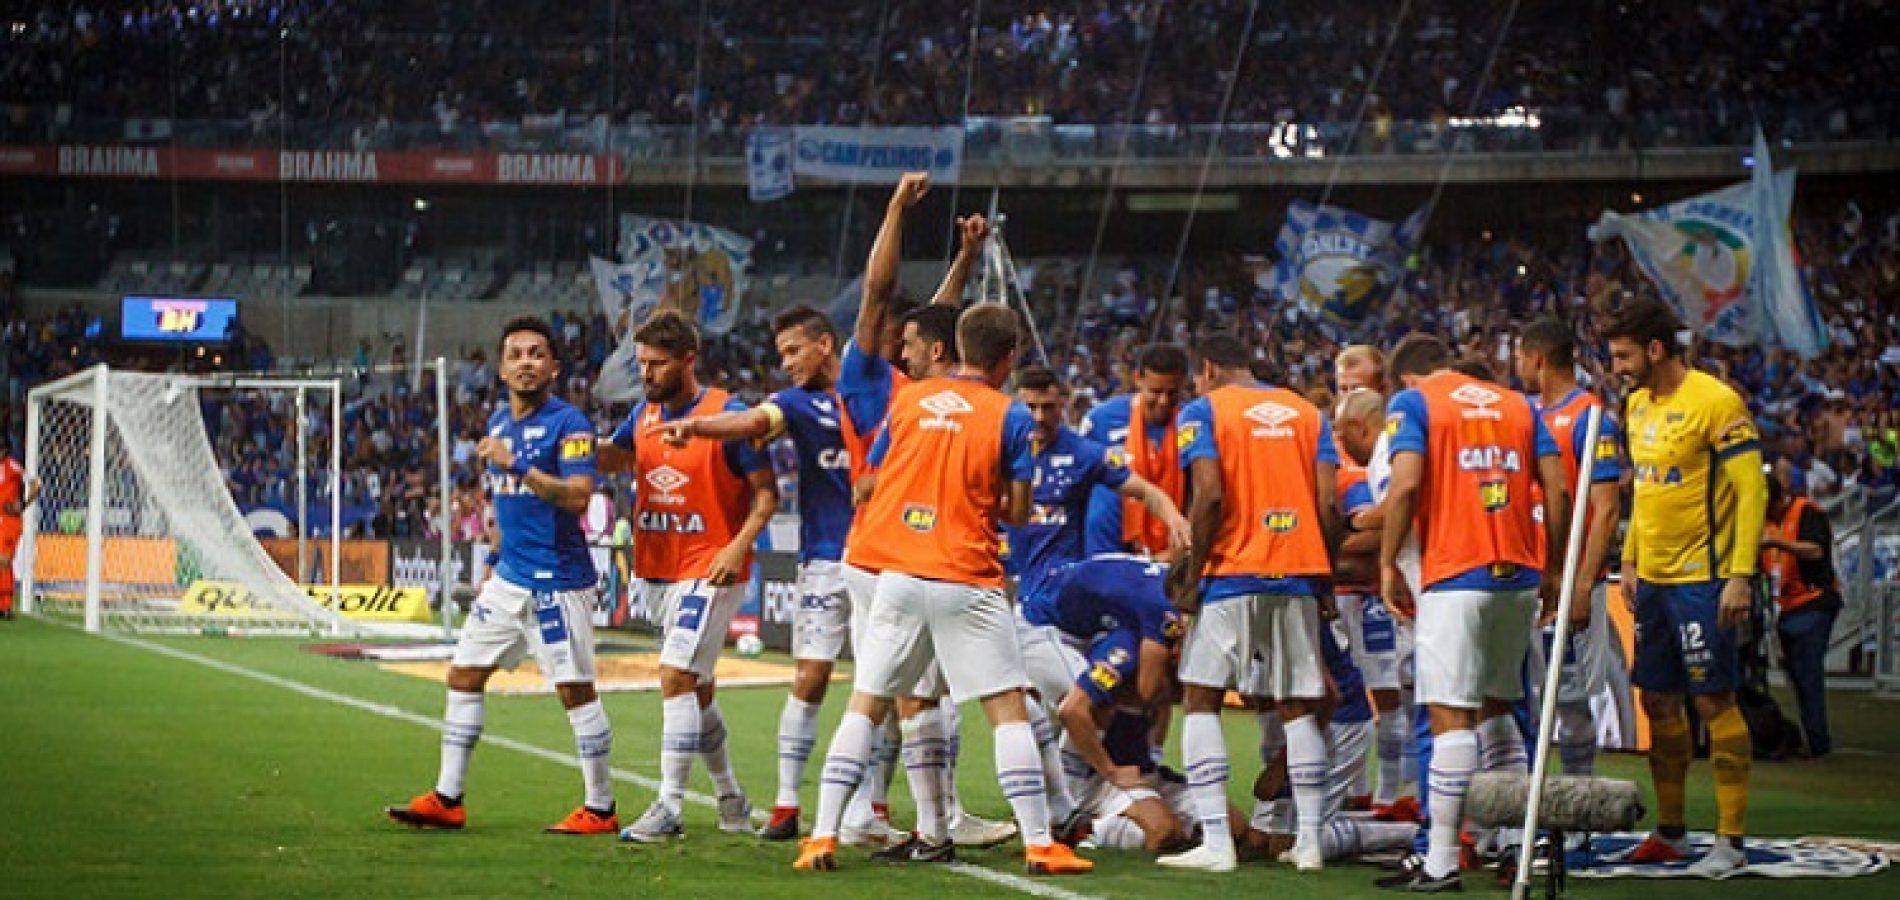 Copa do Brasil; Corinthians perde do Cruzeiro no 1º jogo da decisão